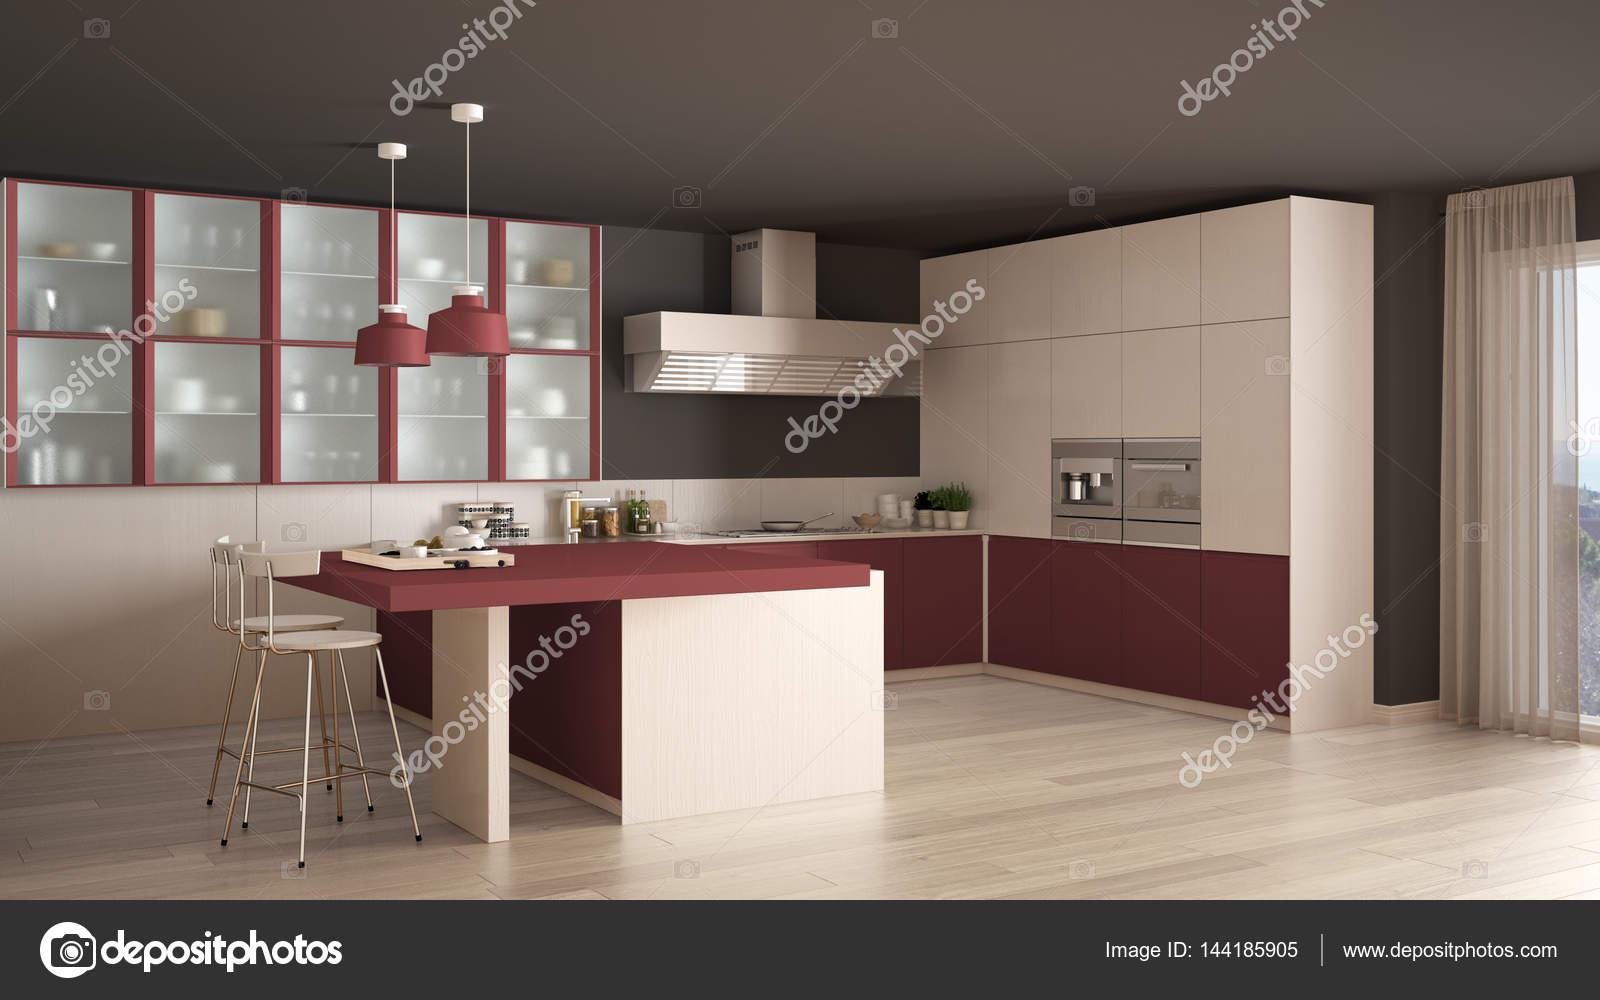 Pavimento Rosso E Bianco : Cucina classica minimal bianco e rosso con pavimento in parquet